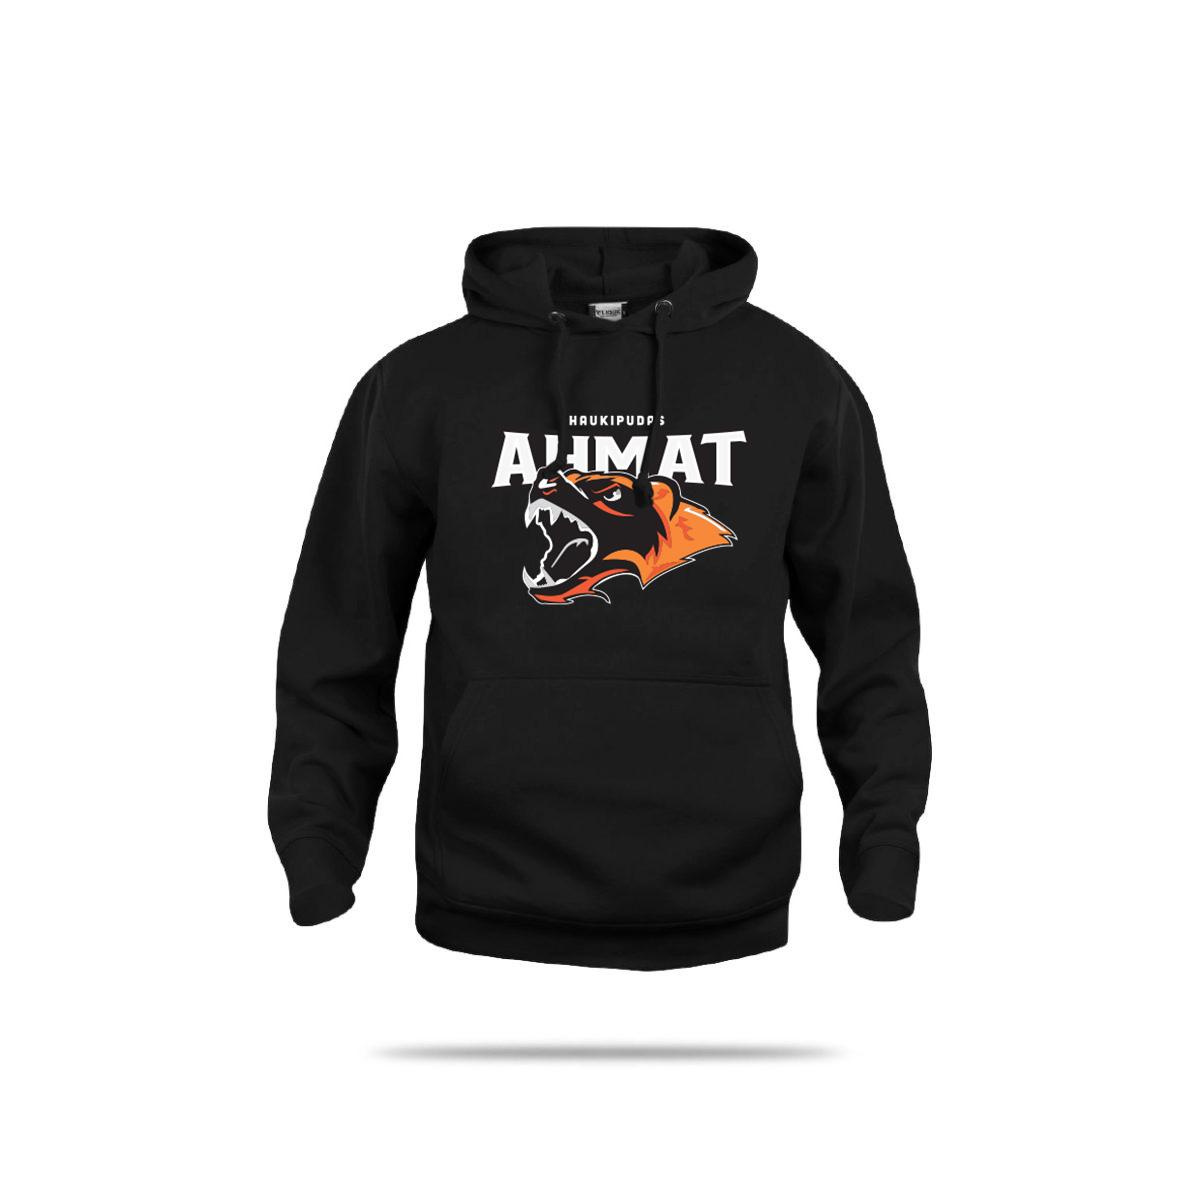 Ahmat-fani-3022-musta-original